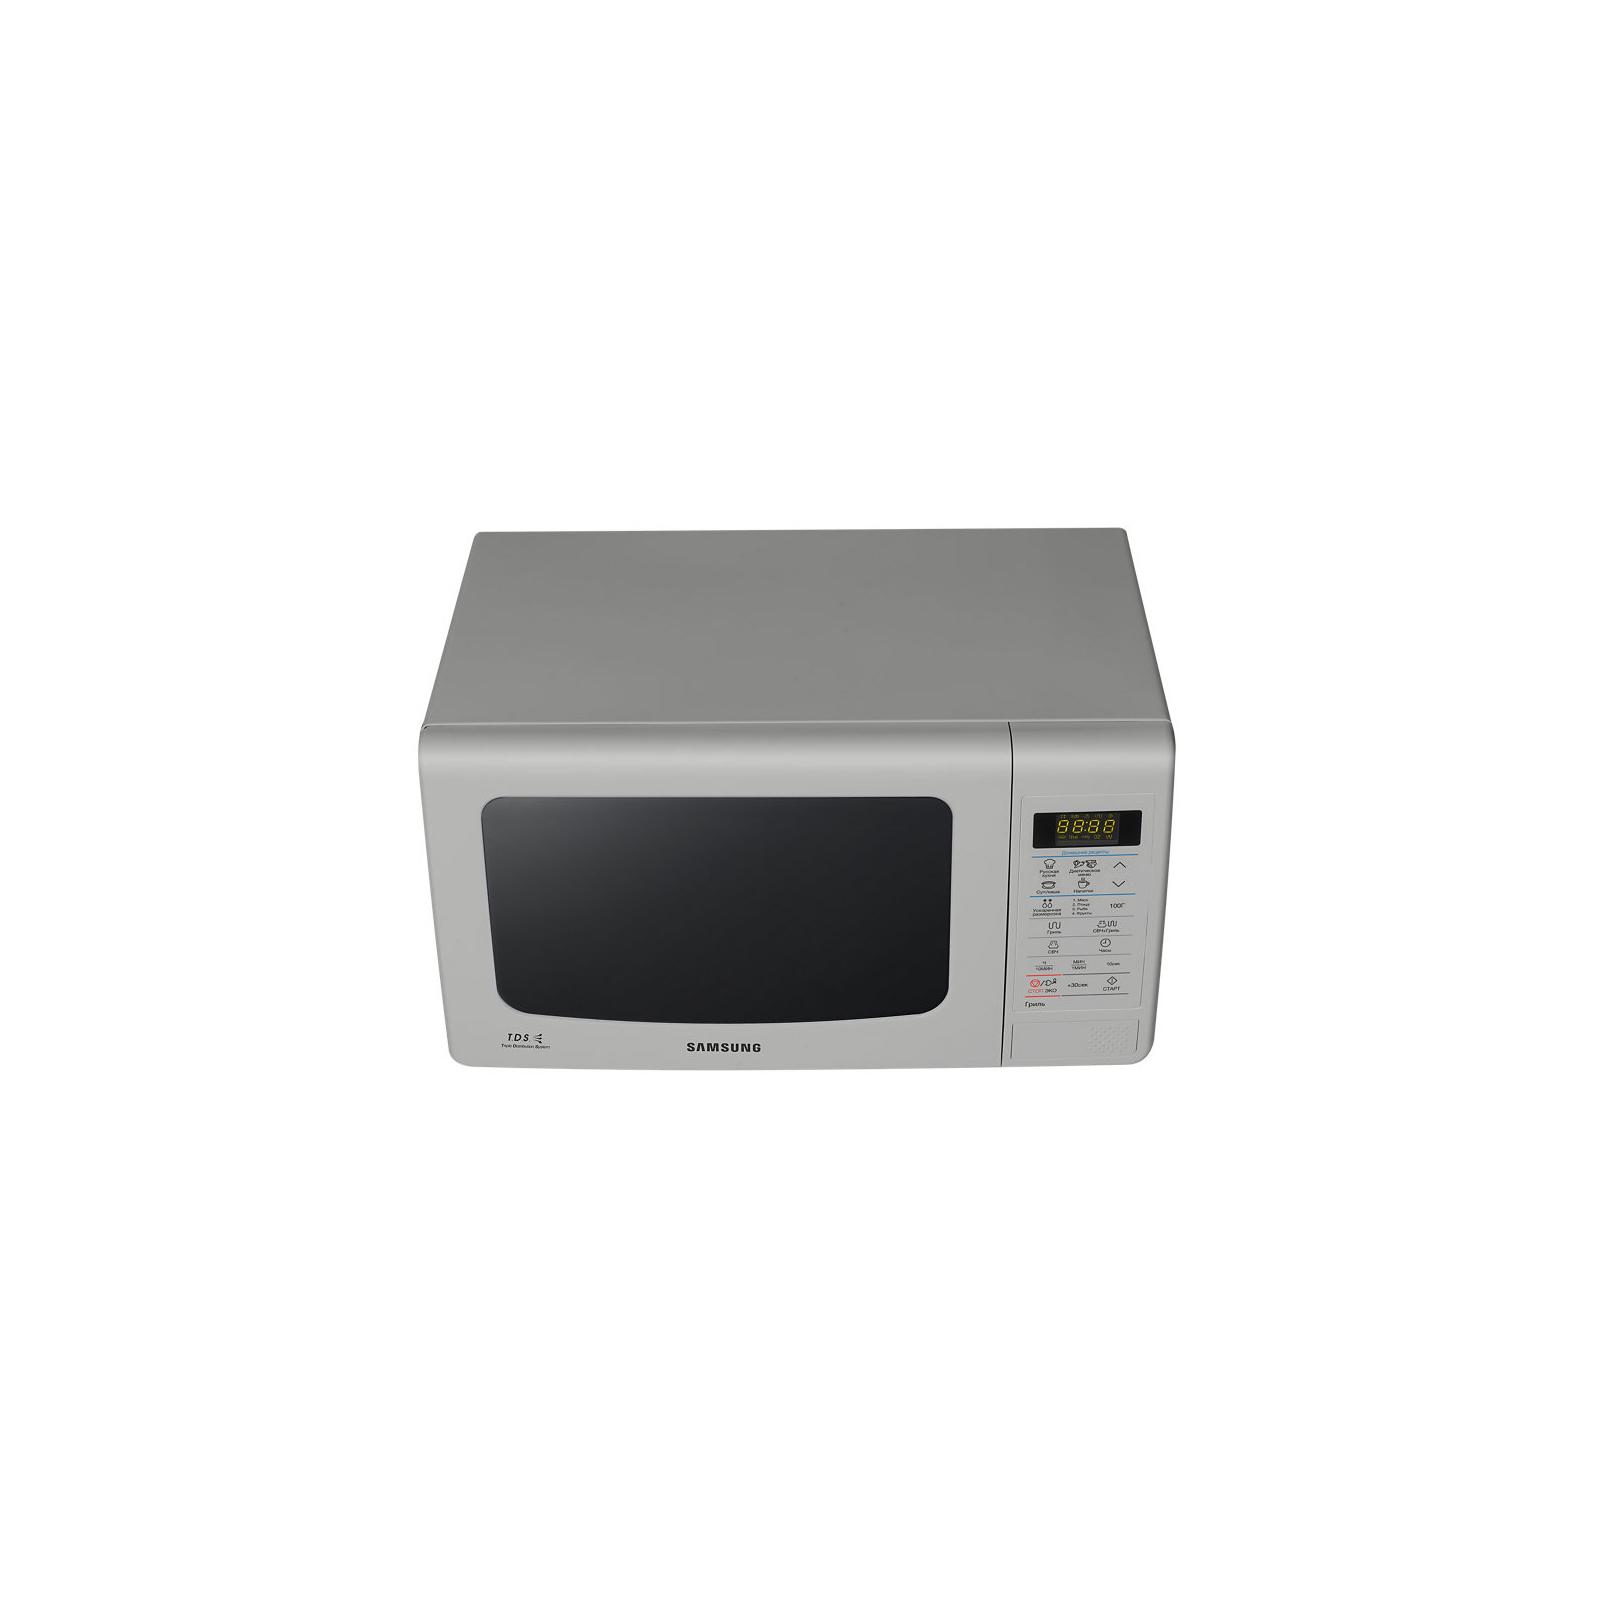 Микроволновая печь Samsung GE 83 KRS-3/BW (GE83KRS-3/BW) изображение 3